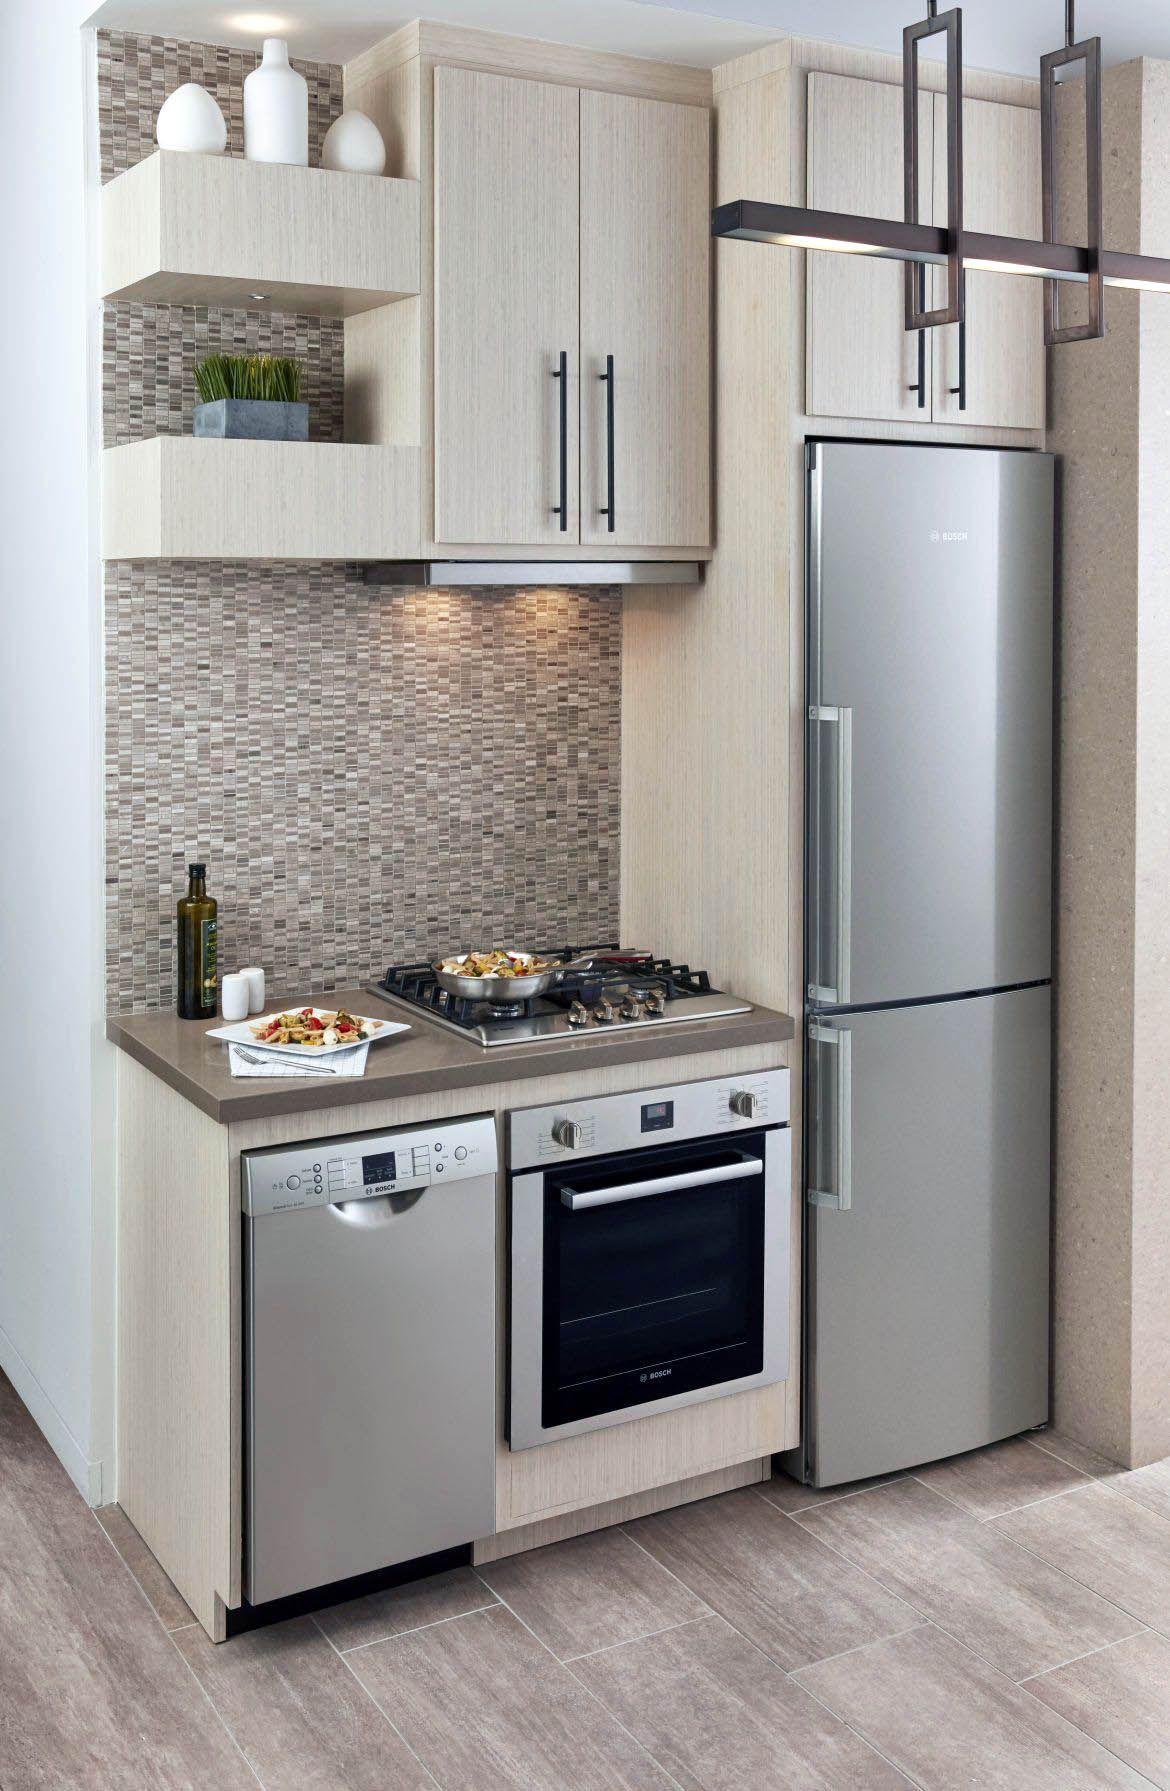 Fresh Tiny Kitchen Cabinet Ideas Fridge Next To Stove On This